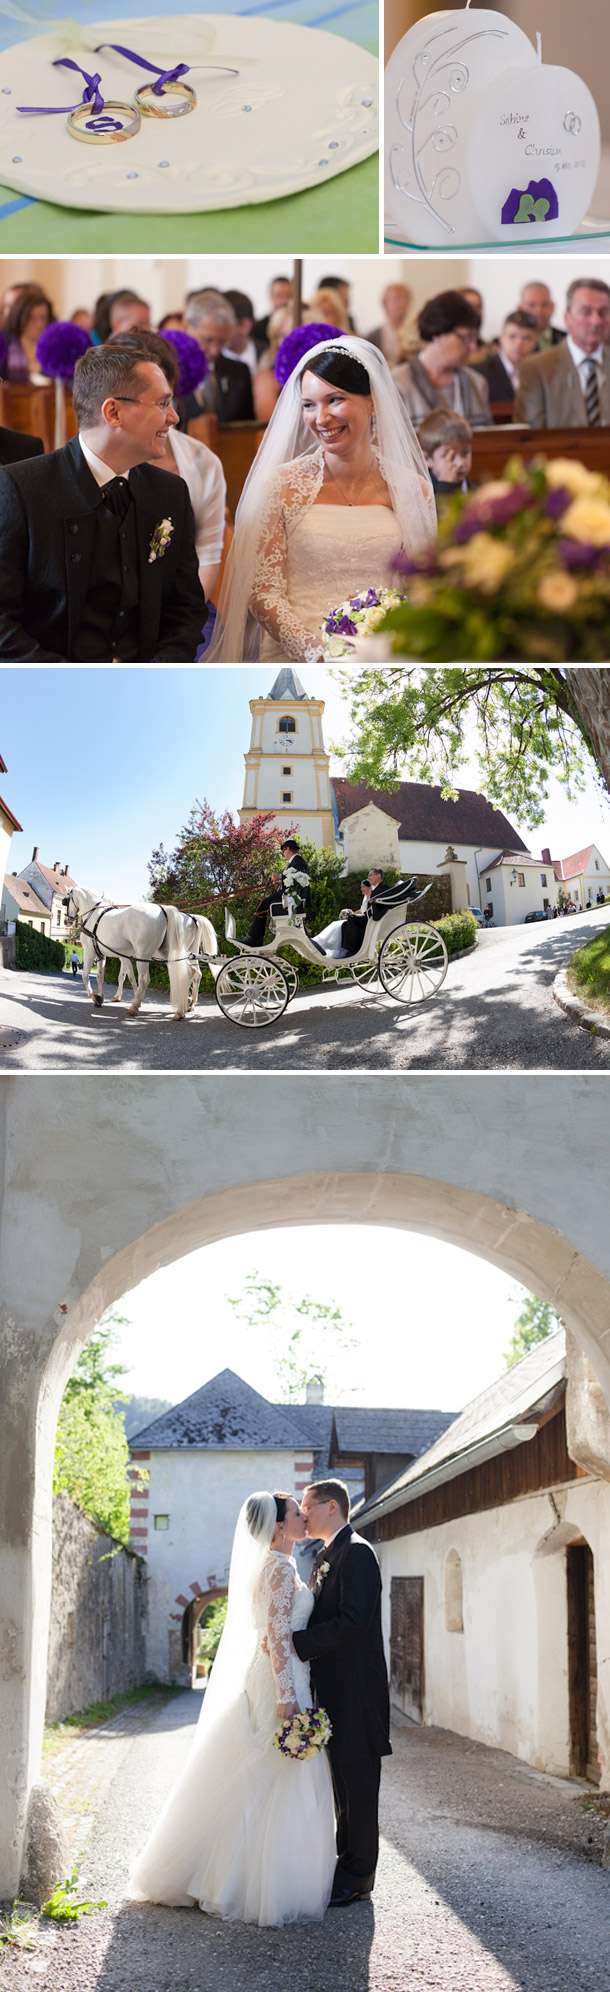 Schloss Krumbach Hochzeit von Dorelies Hofer